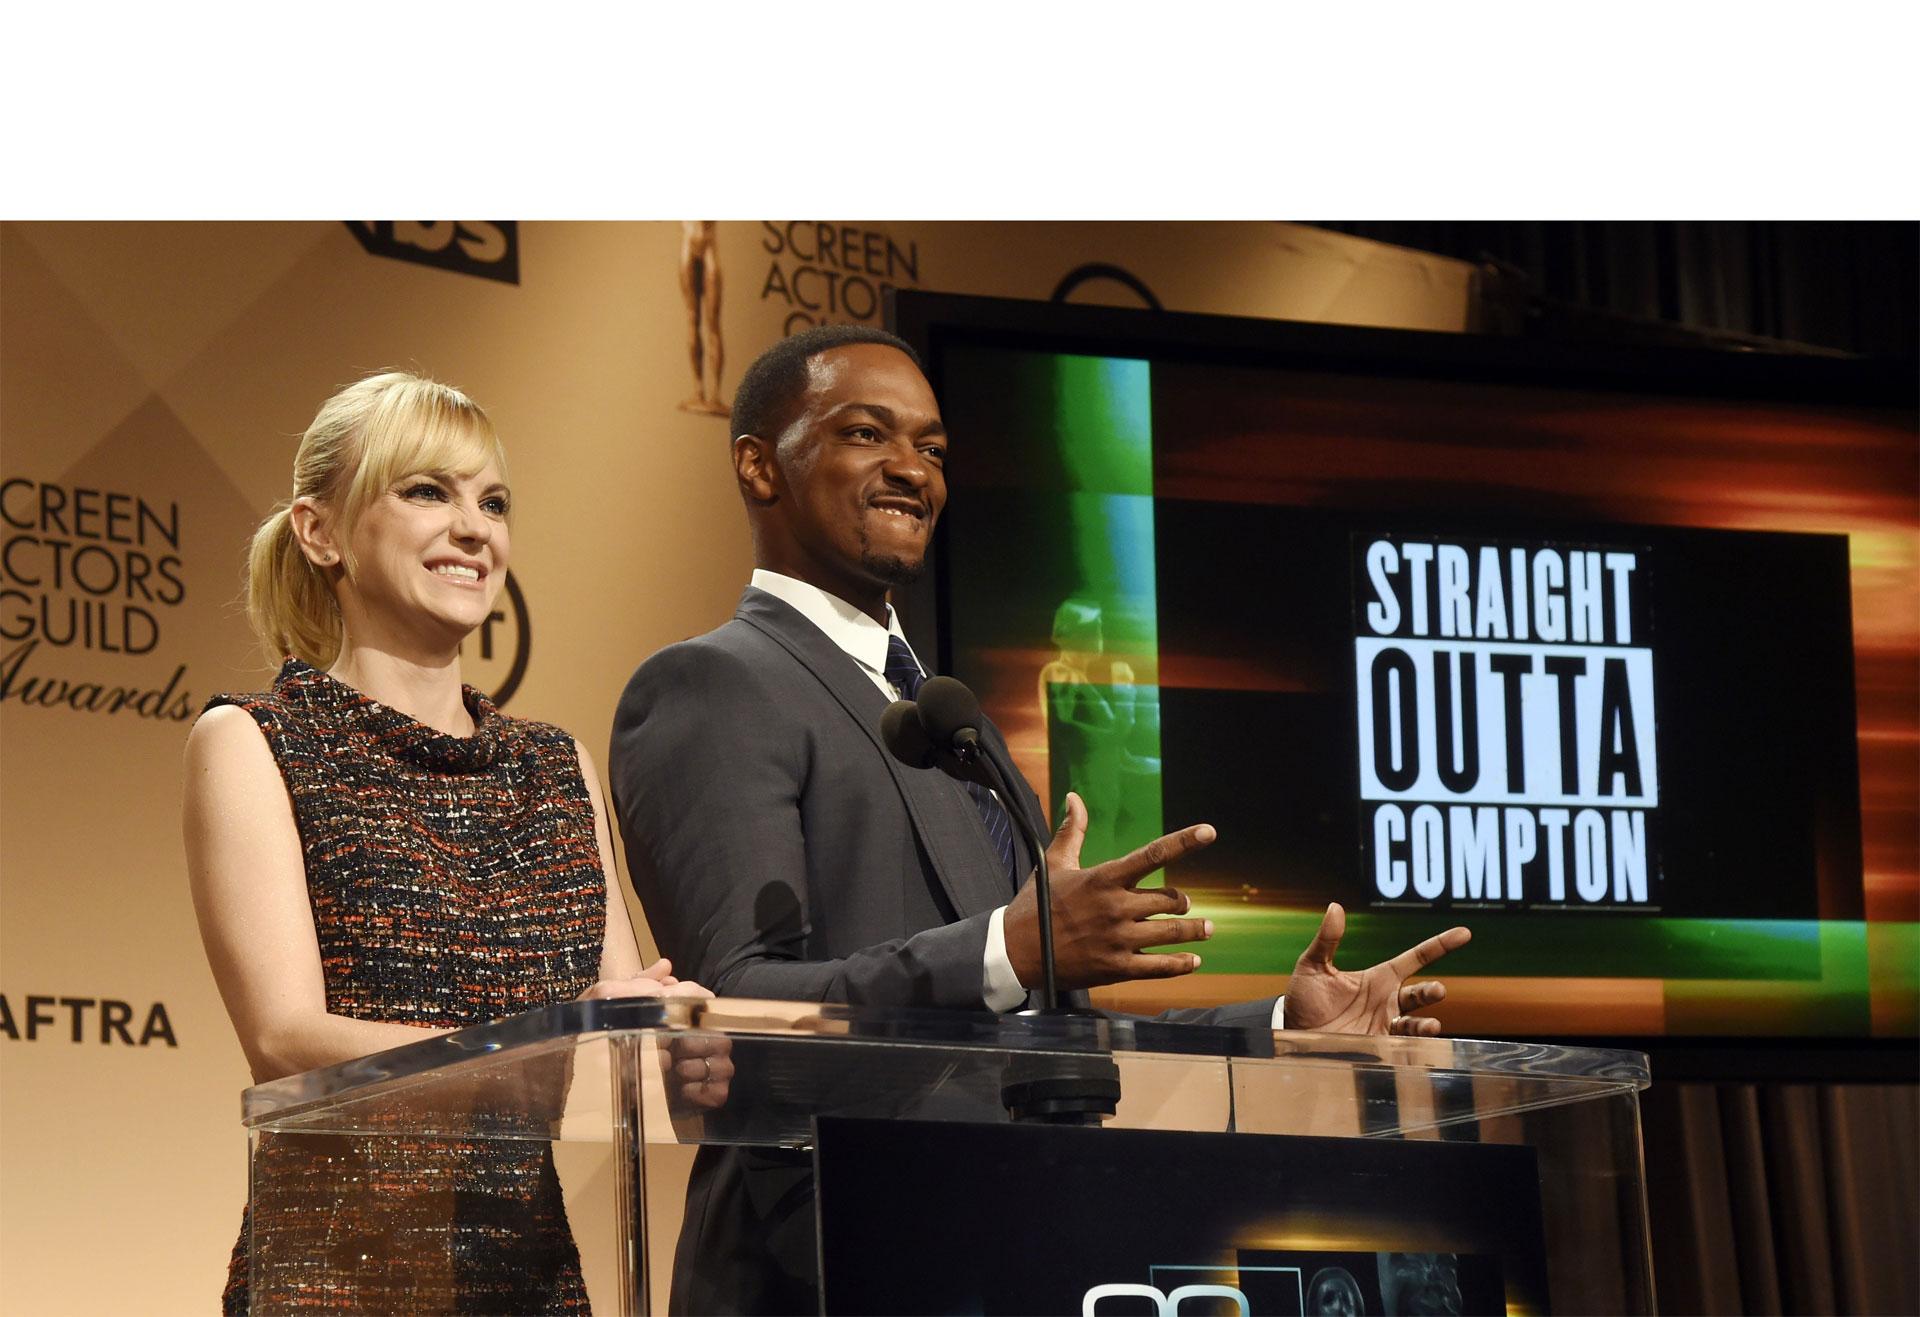 En el rubro televisivo, Netflix consiguió diez nominaciones, más que cualquier otra señal de televisión